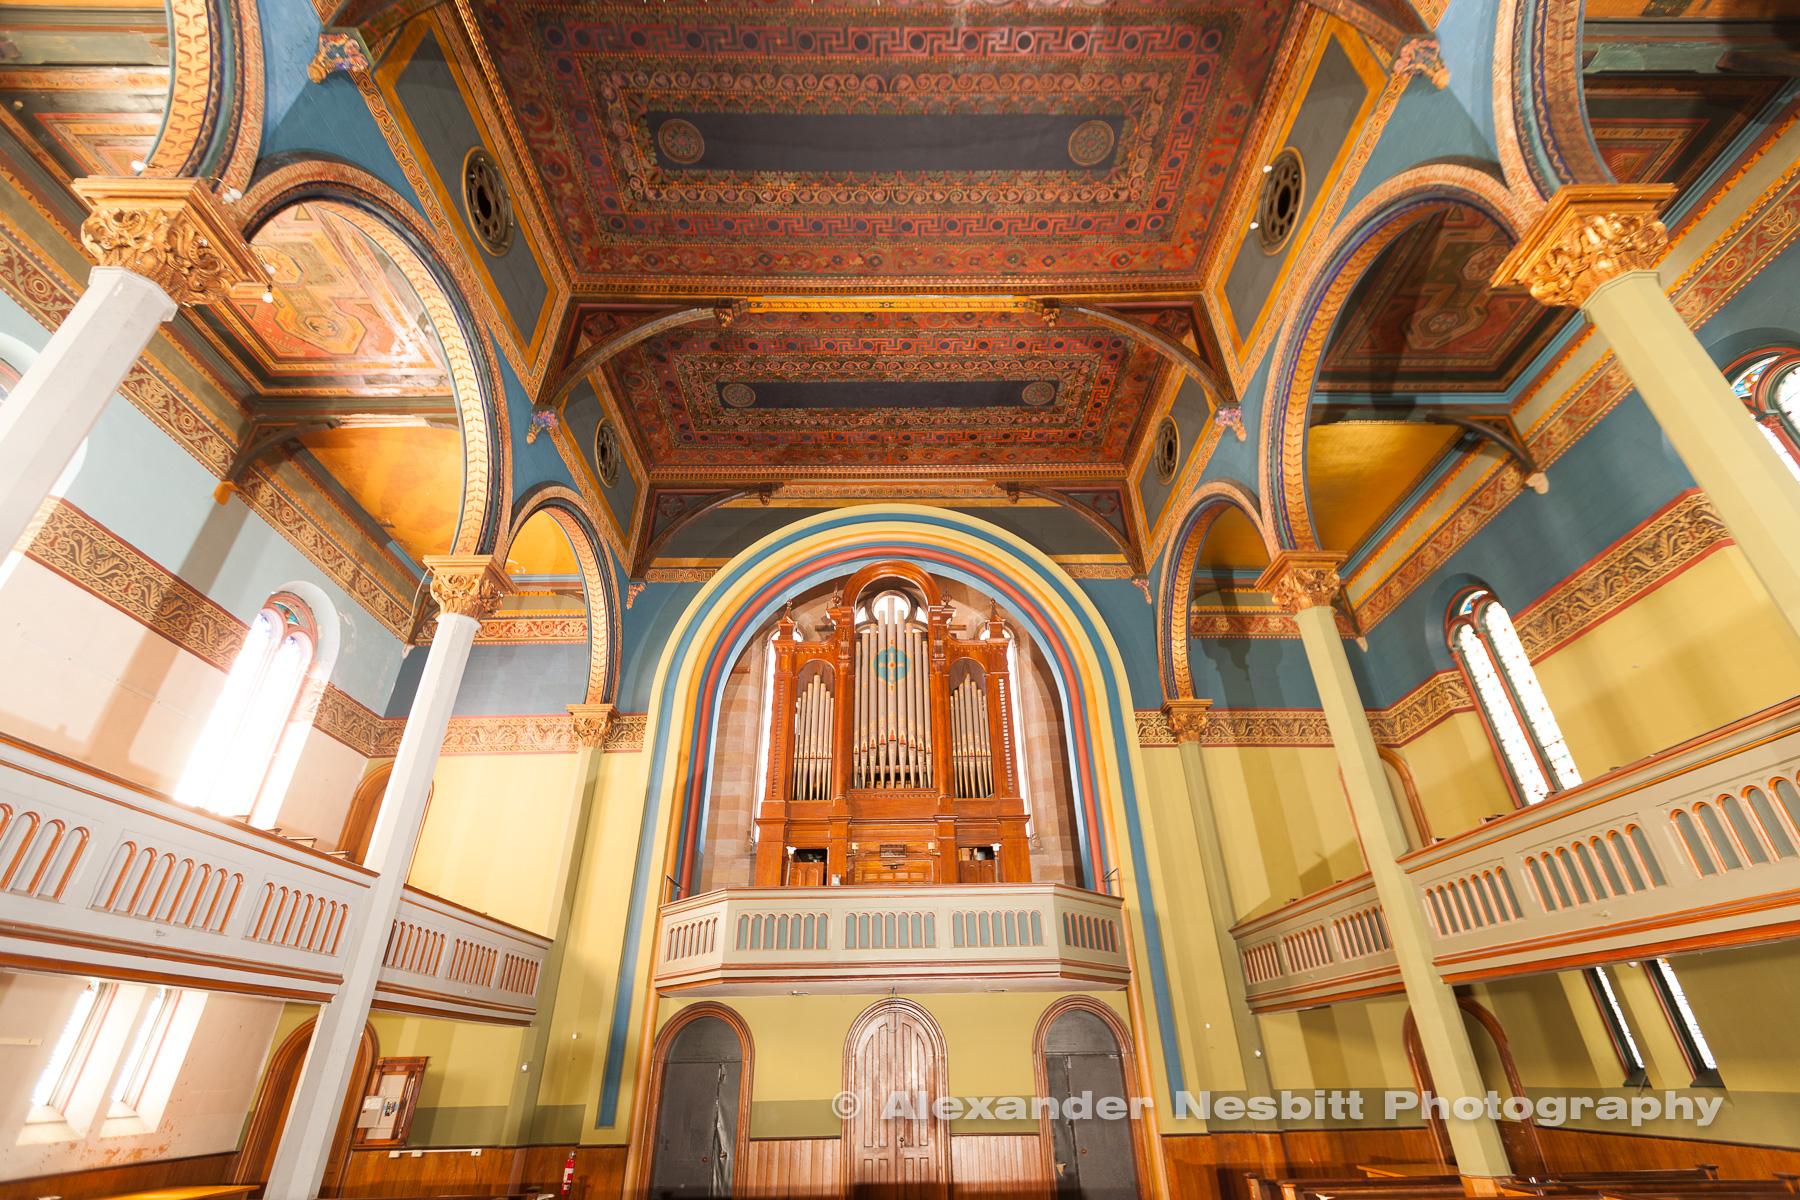 Nesbitt-Congregational-Church-interior-5E6A5755